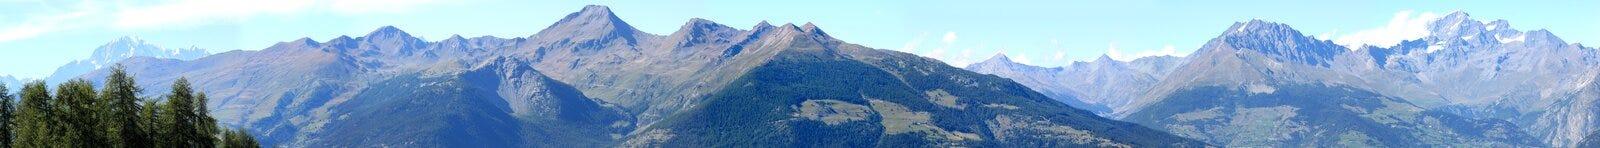 Bergen van Nationaal Park Gran Paradiso, Italië Royalty-vrije Stock Afbeelding